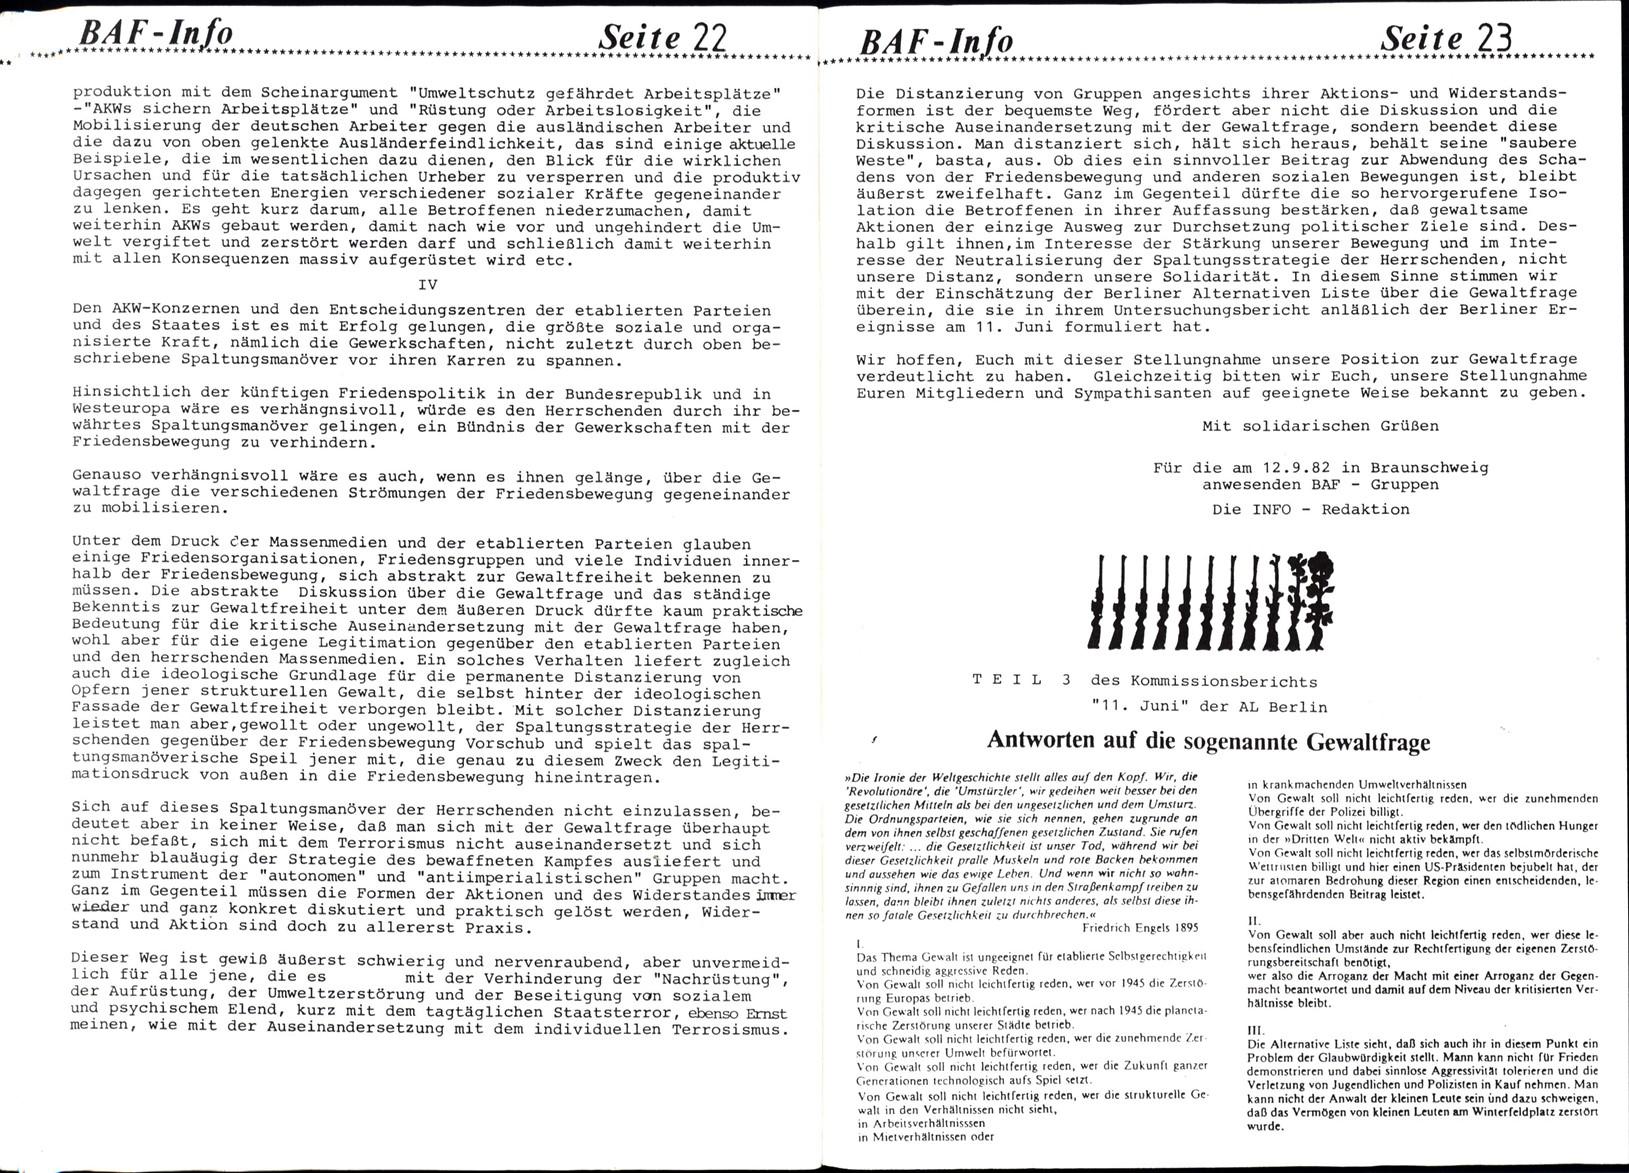 BAF_Info_01_19820900_12